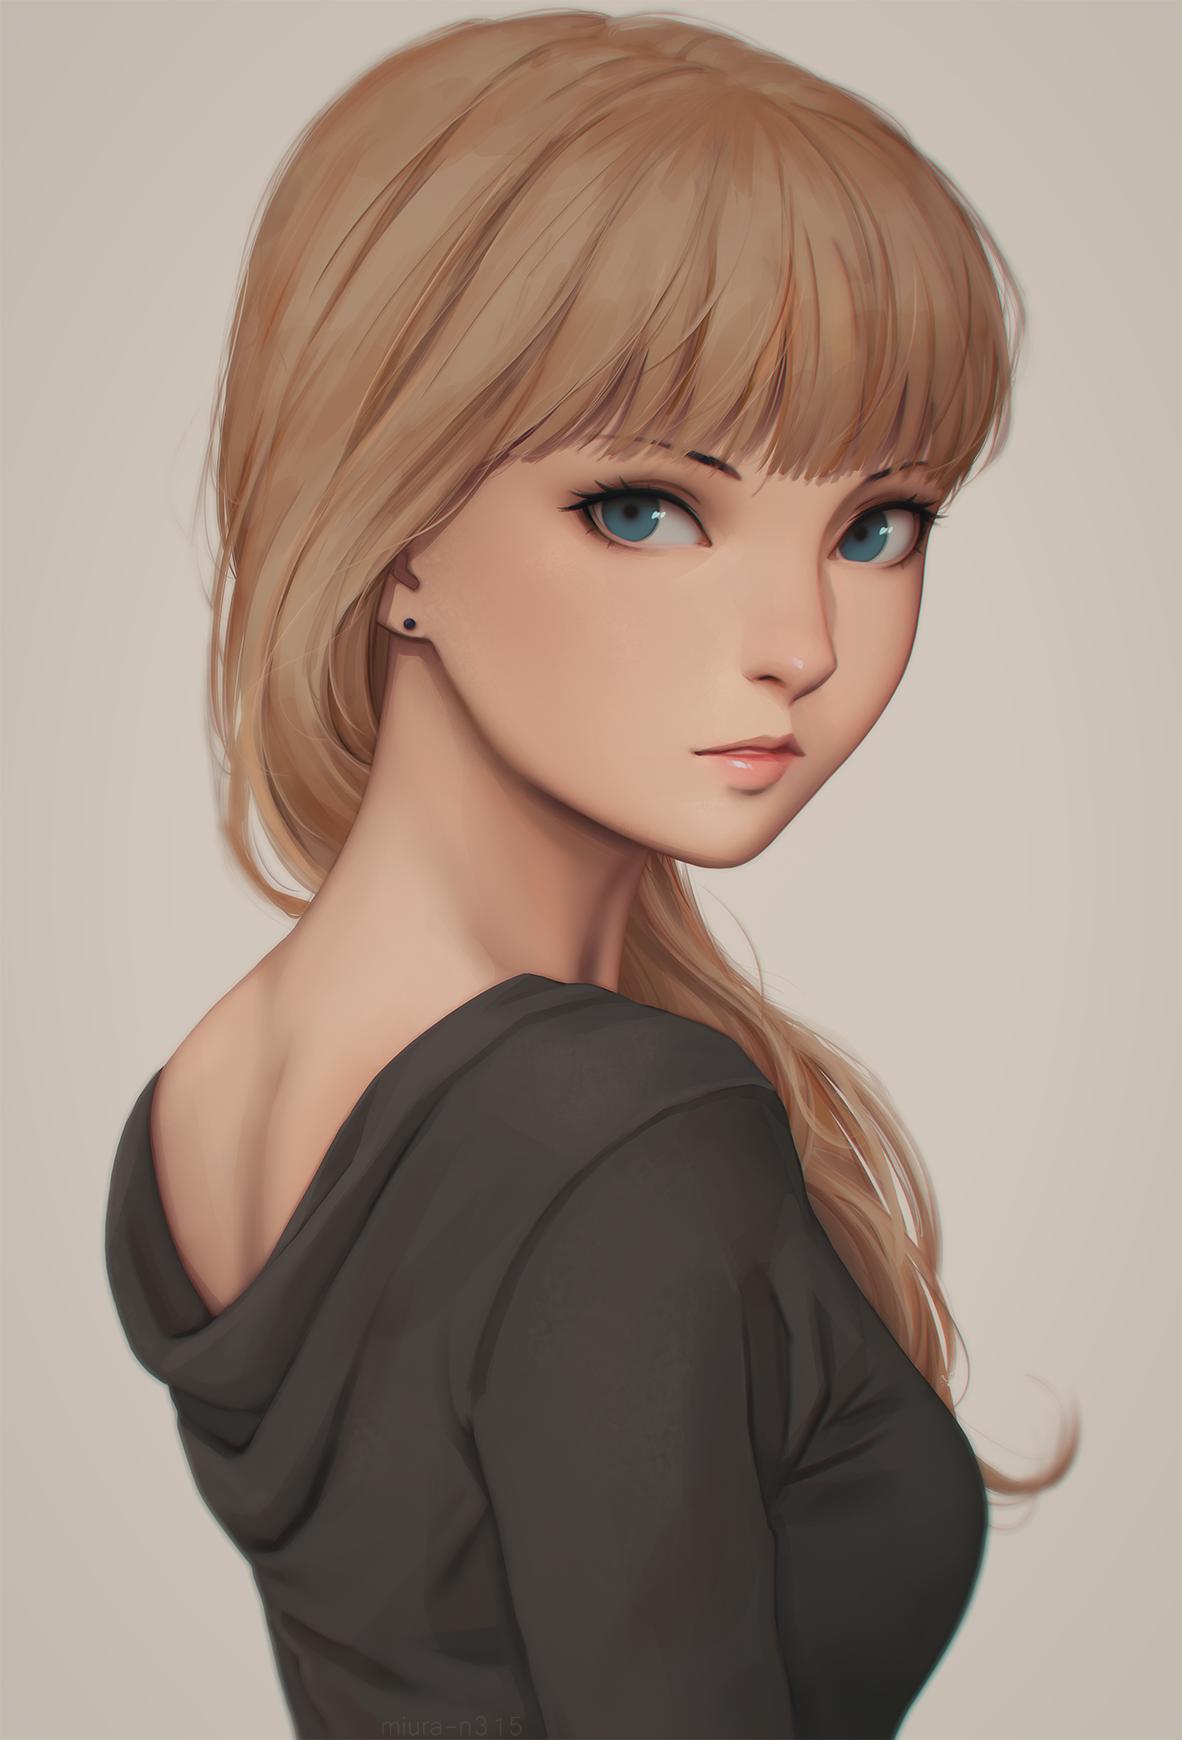 Pin By Cosette Asakura On Anime Anime Art Girl Digital Art Girl Concept Art Characters